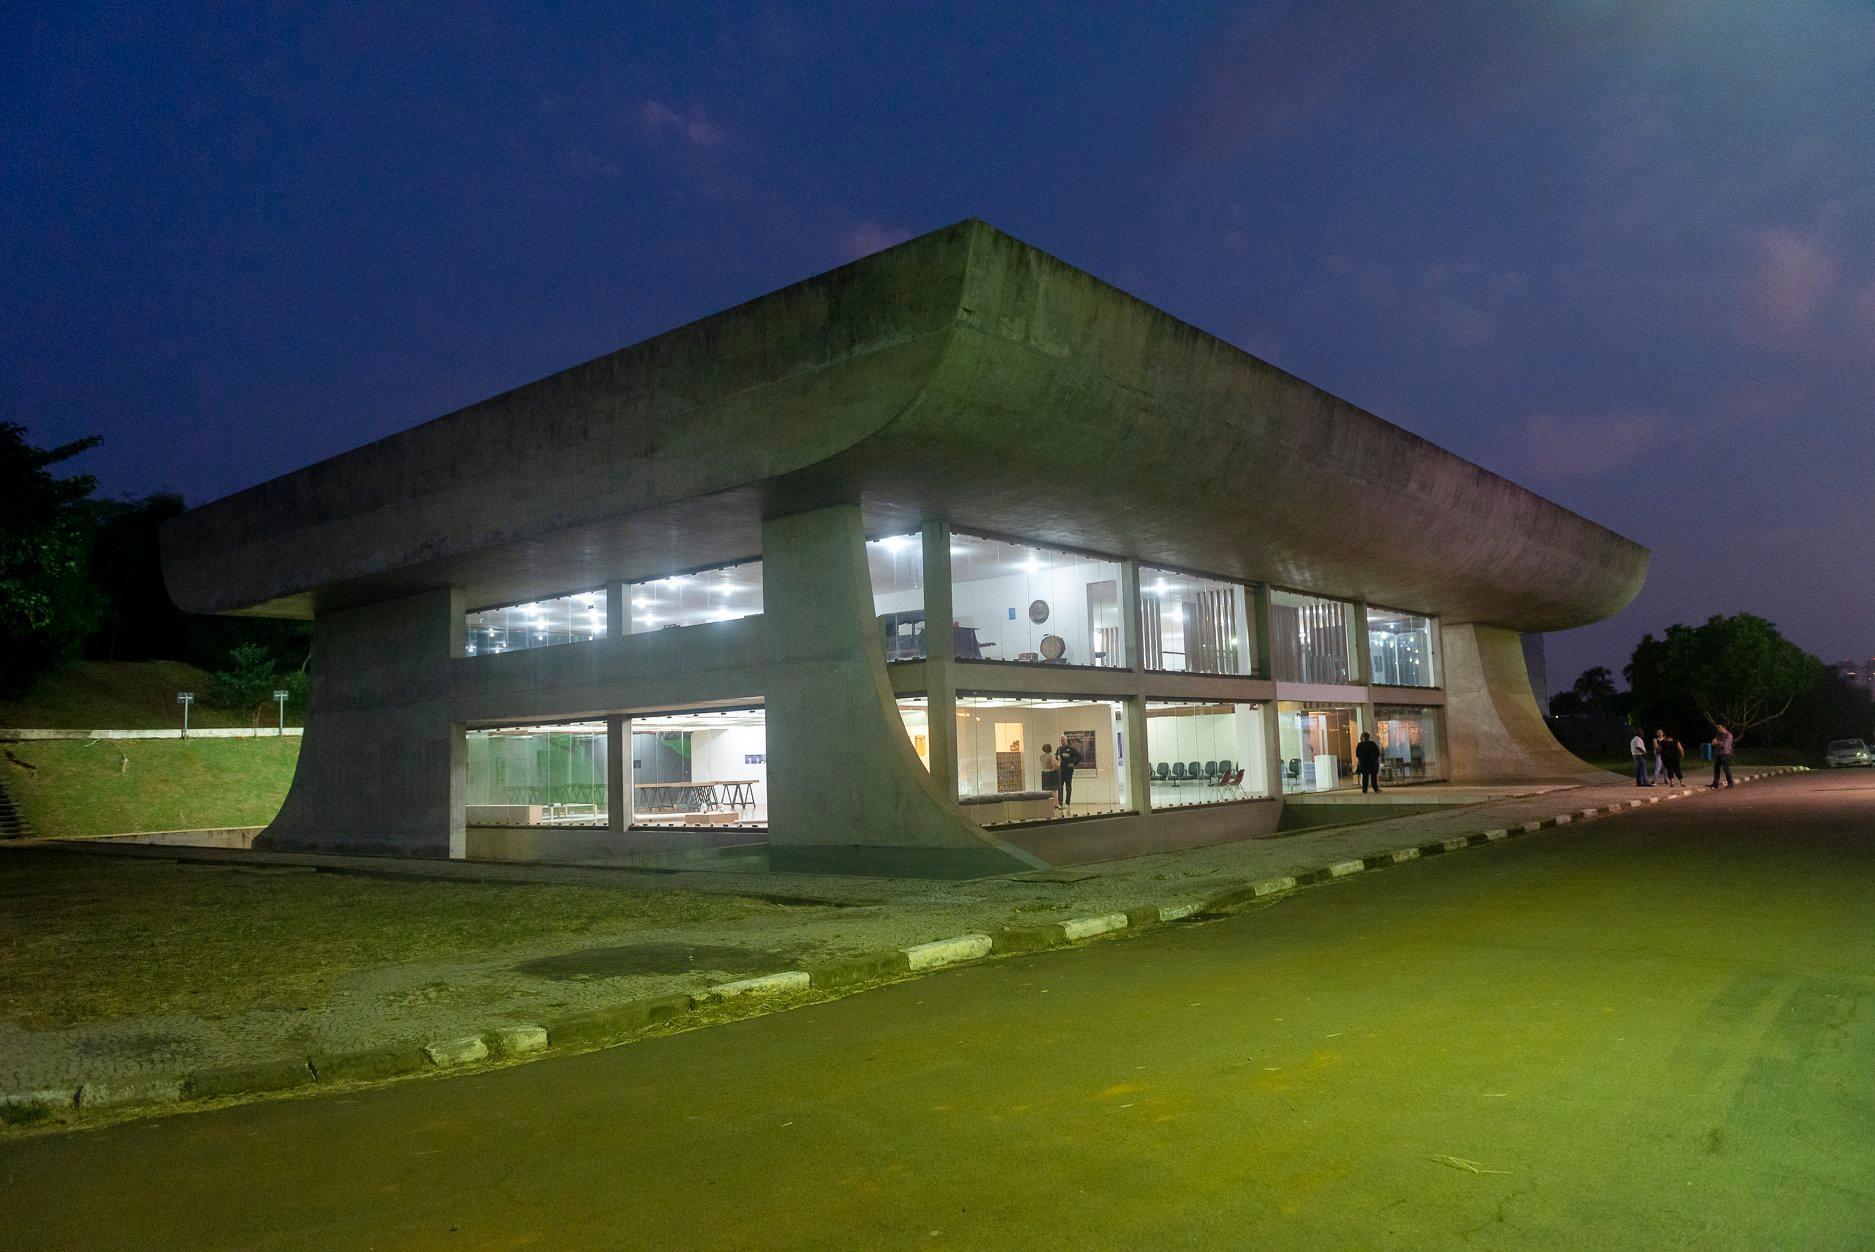 Casa de Vidro / Museu da Cidade de Campinas, Brazil.